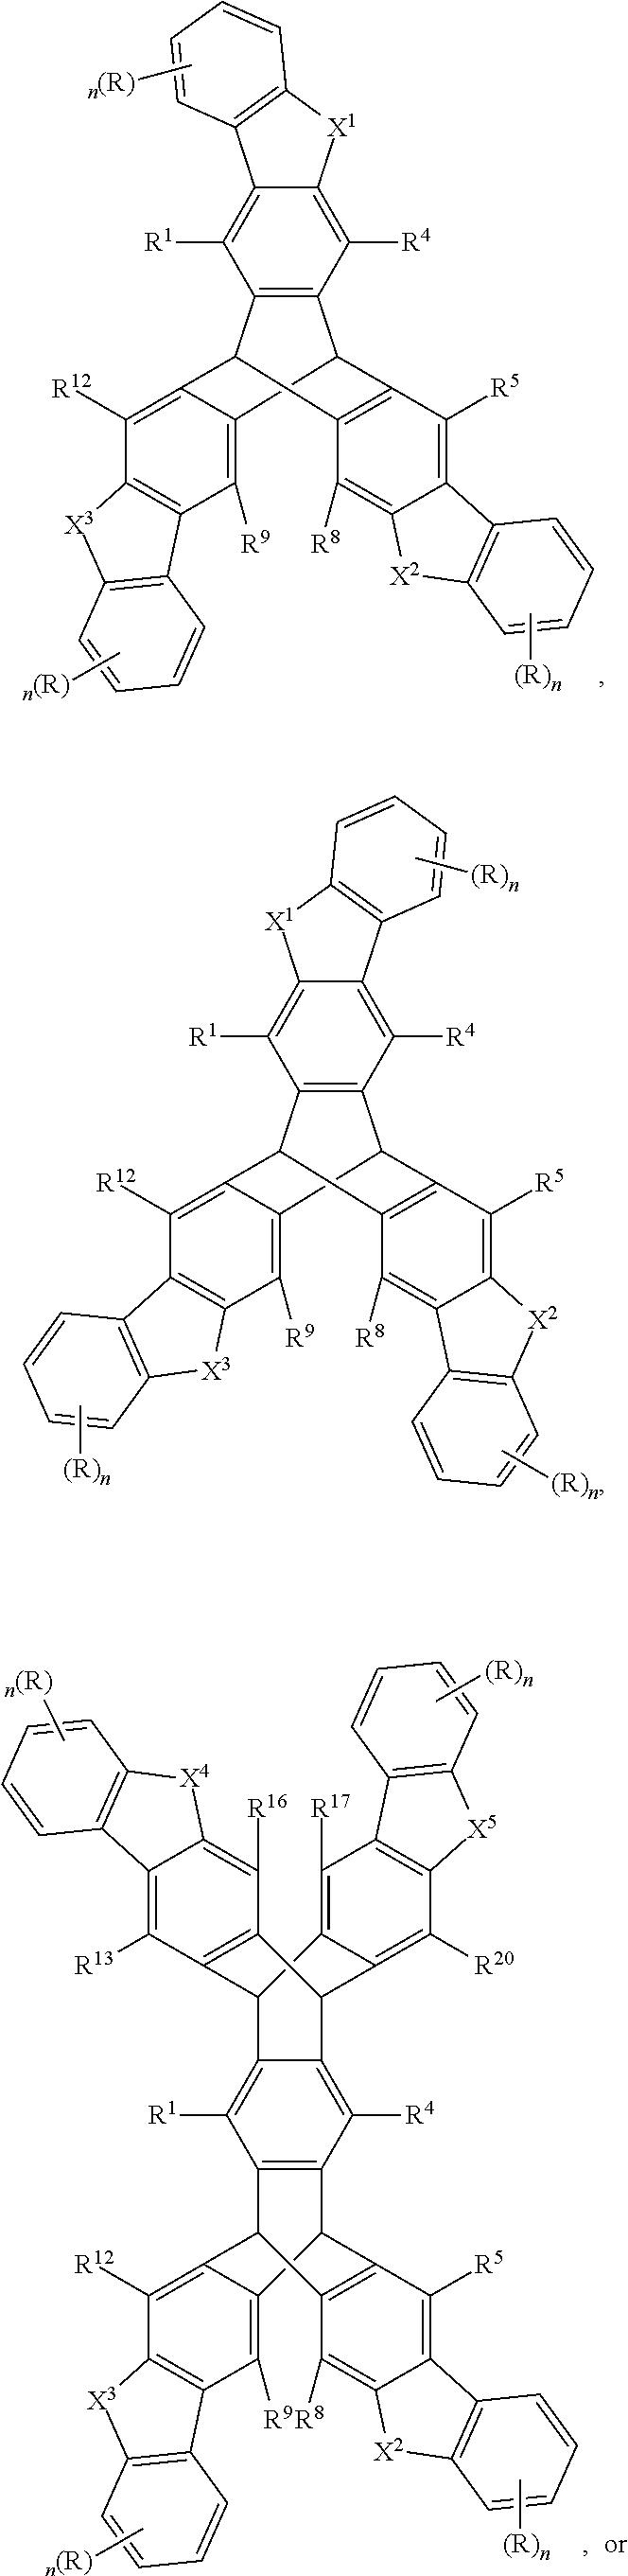 Figure US09595682-20170314-C00012